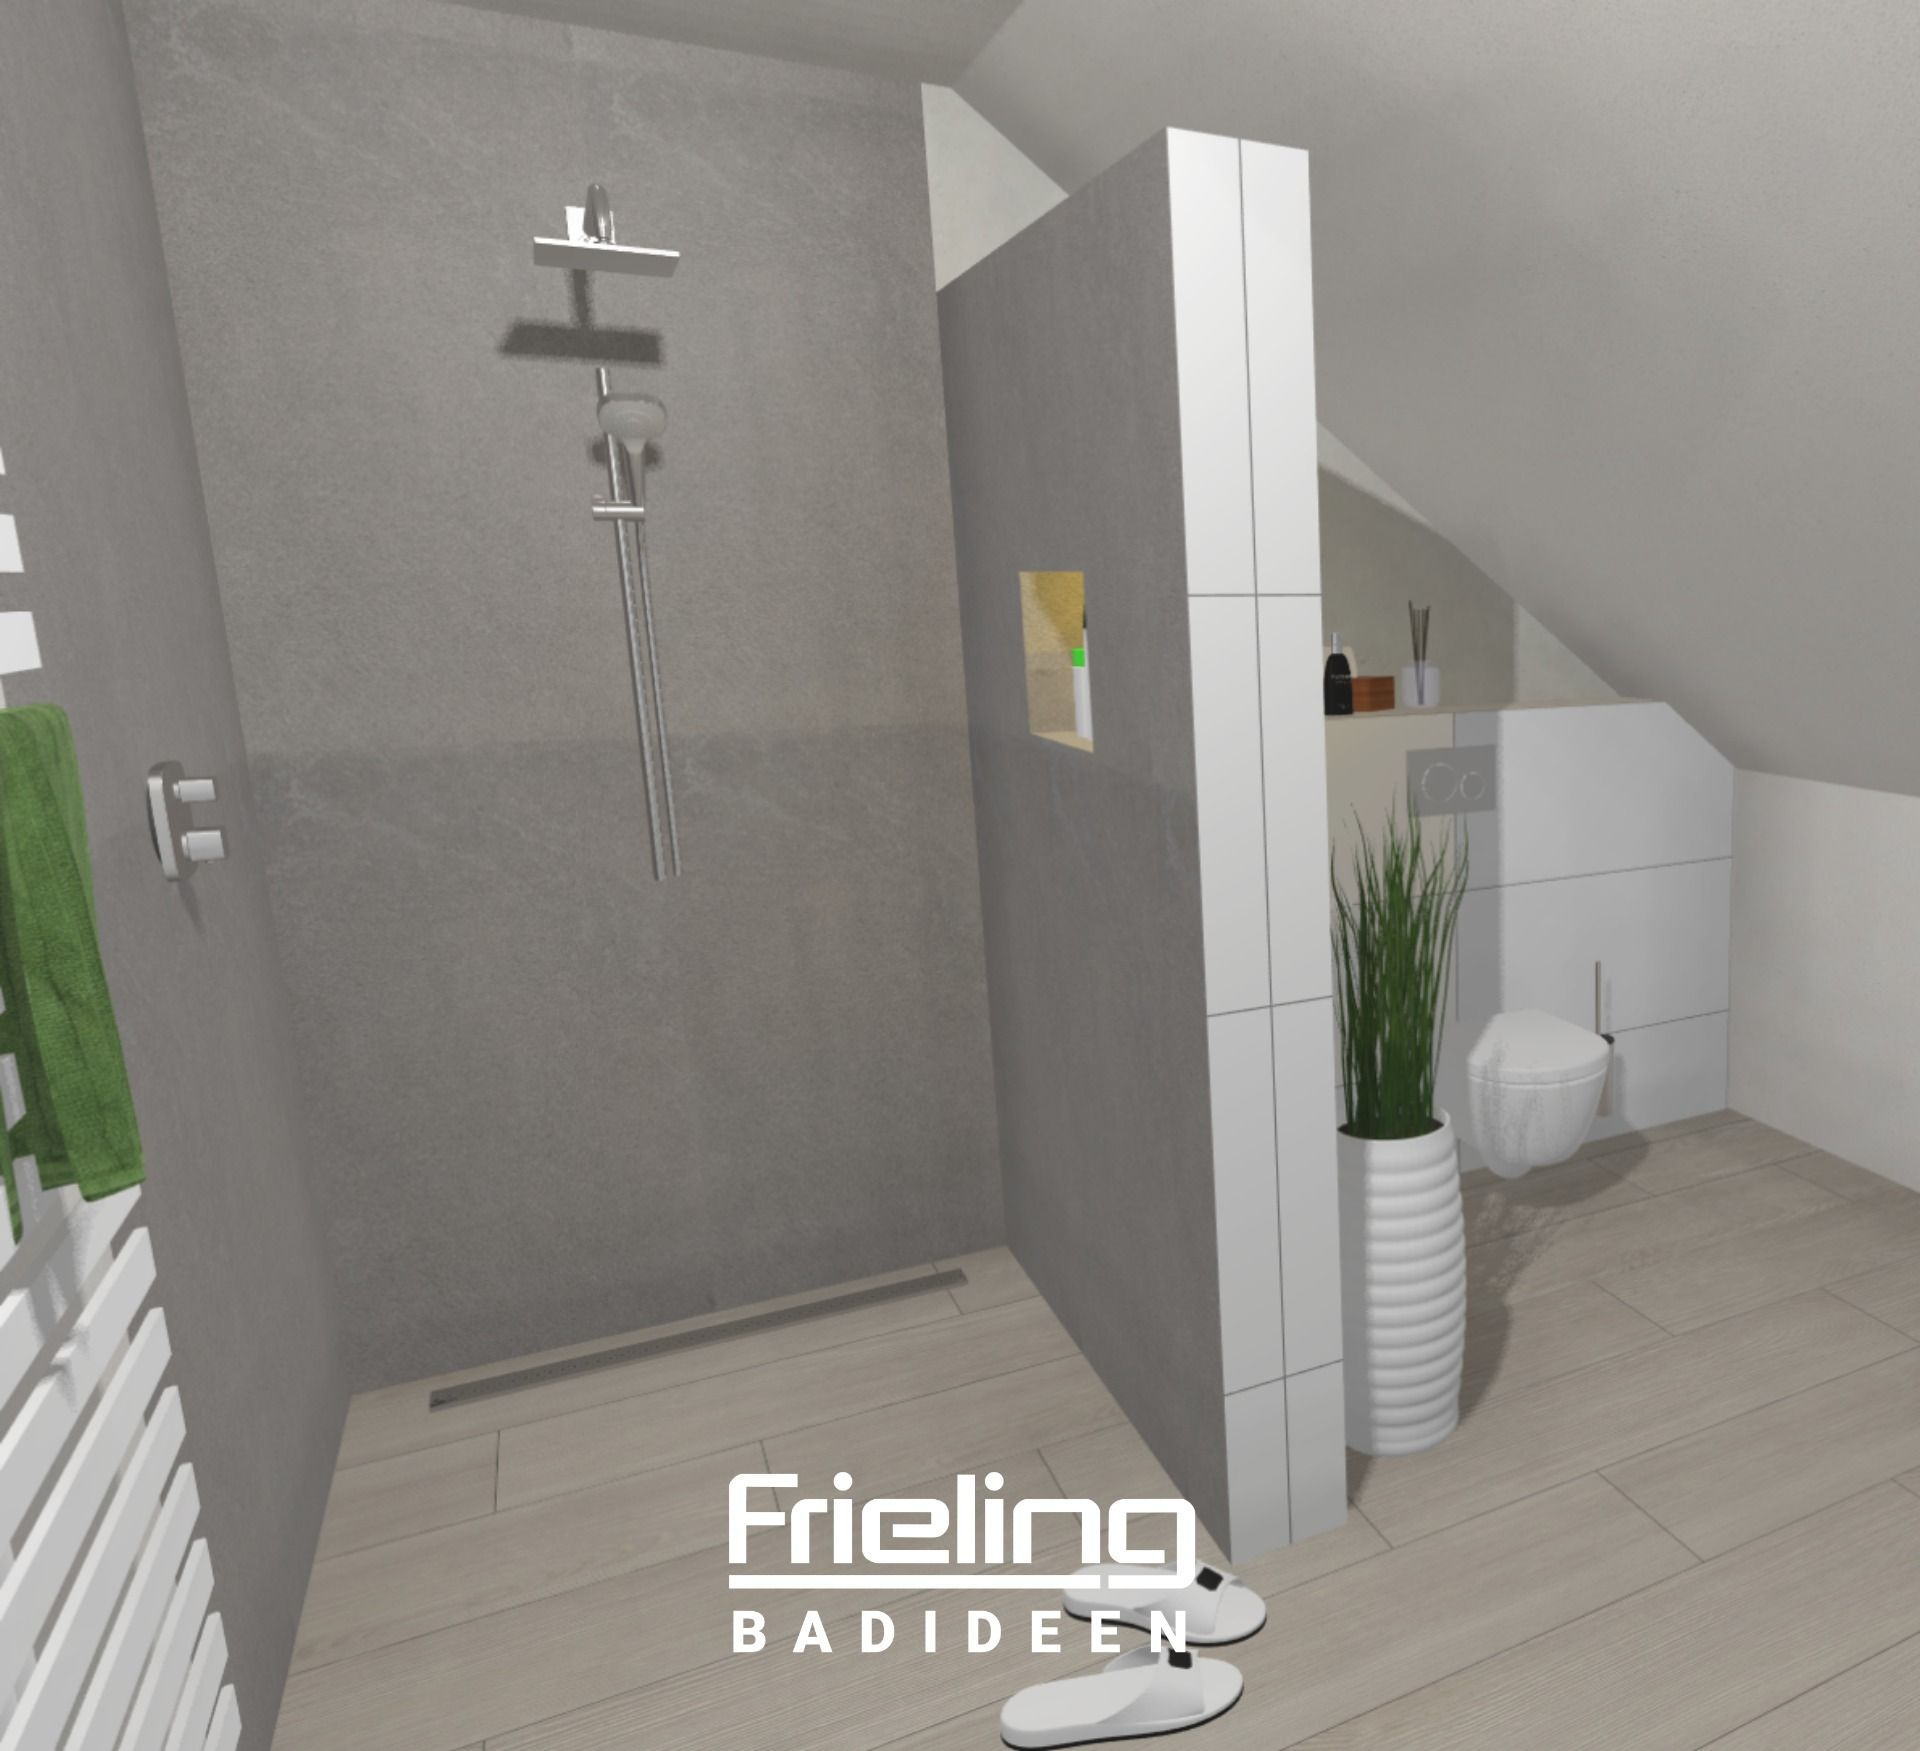 Dachausbau Badezimmer Im Dachgeschoss Schragen Optimal Im Bad Nutzen Badlosung Auf 13 Qm In 2020 Badezimmer Dachgeschoss Bad Mit Dachschrage Grosse Badezimmer